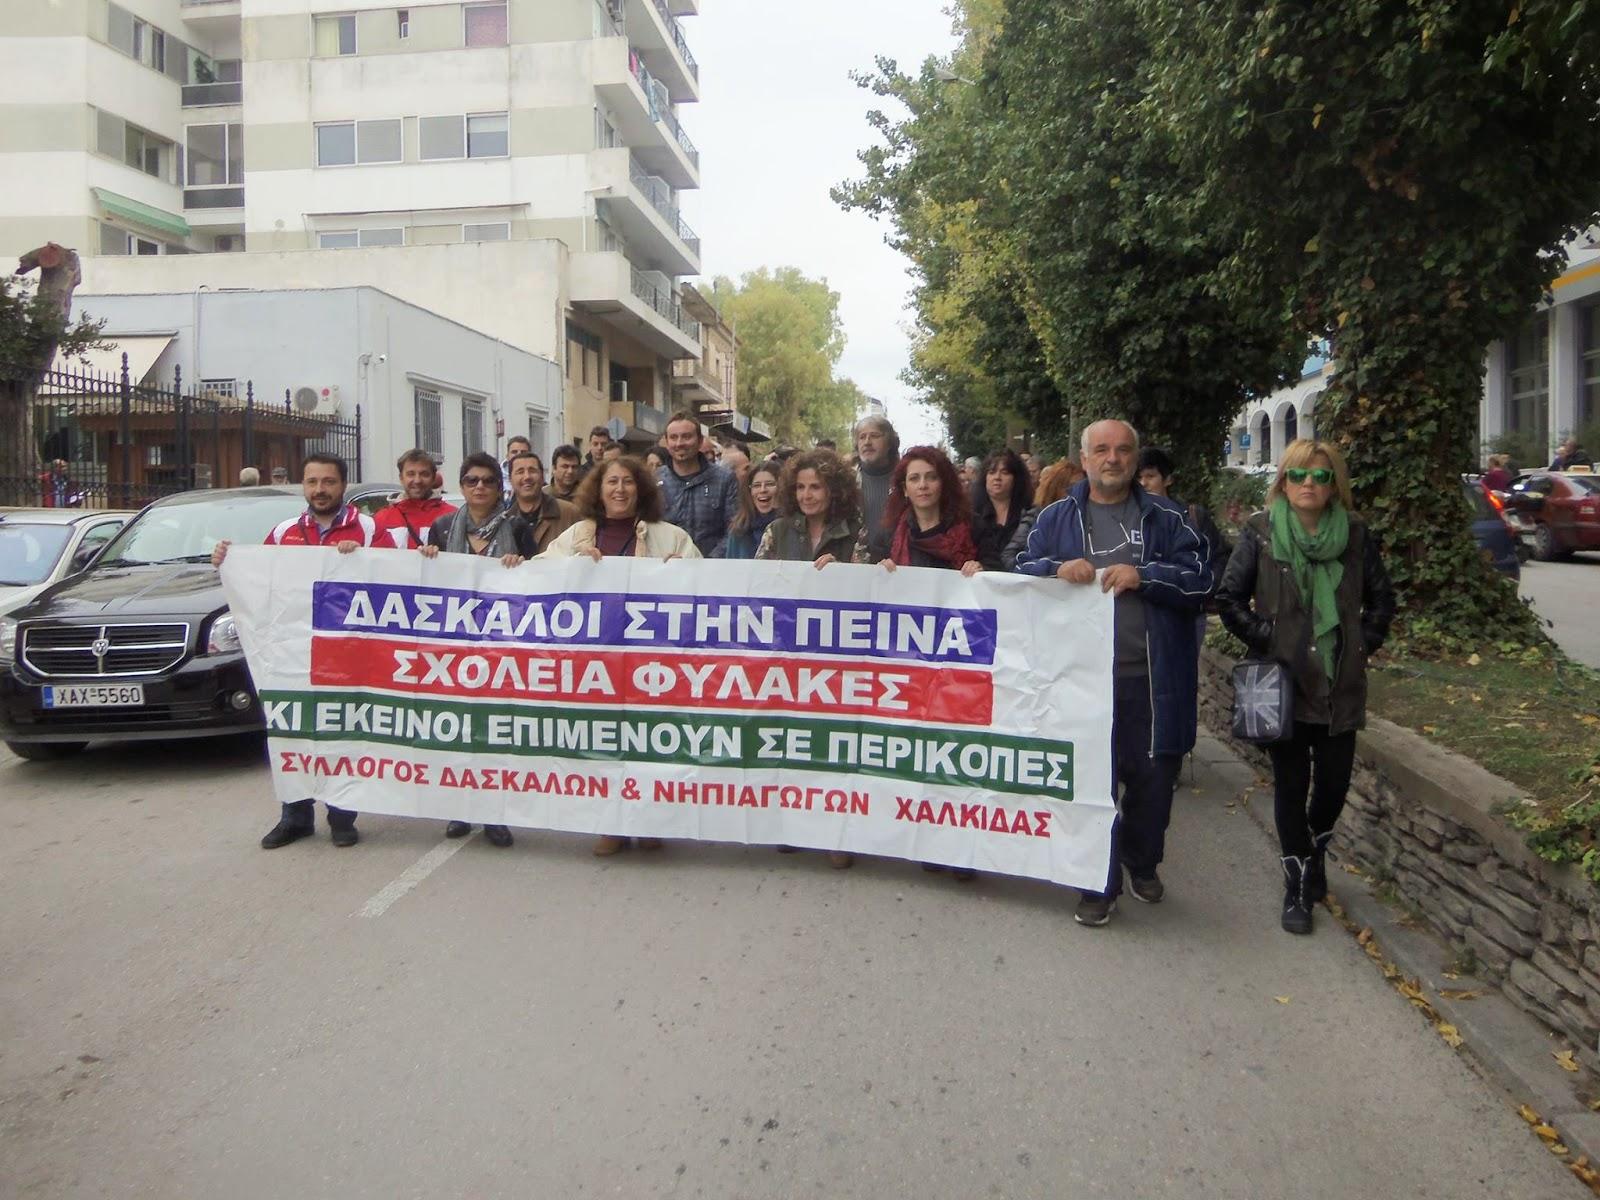 Χαλκίδα: Μεγαλειώδης συγκέντρωση και πορεία των δασκάλων! (ΦΩΤΟ)